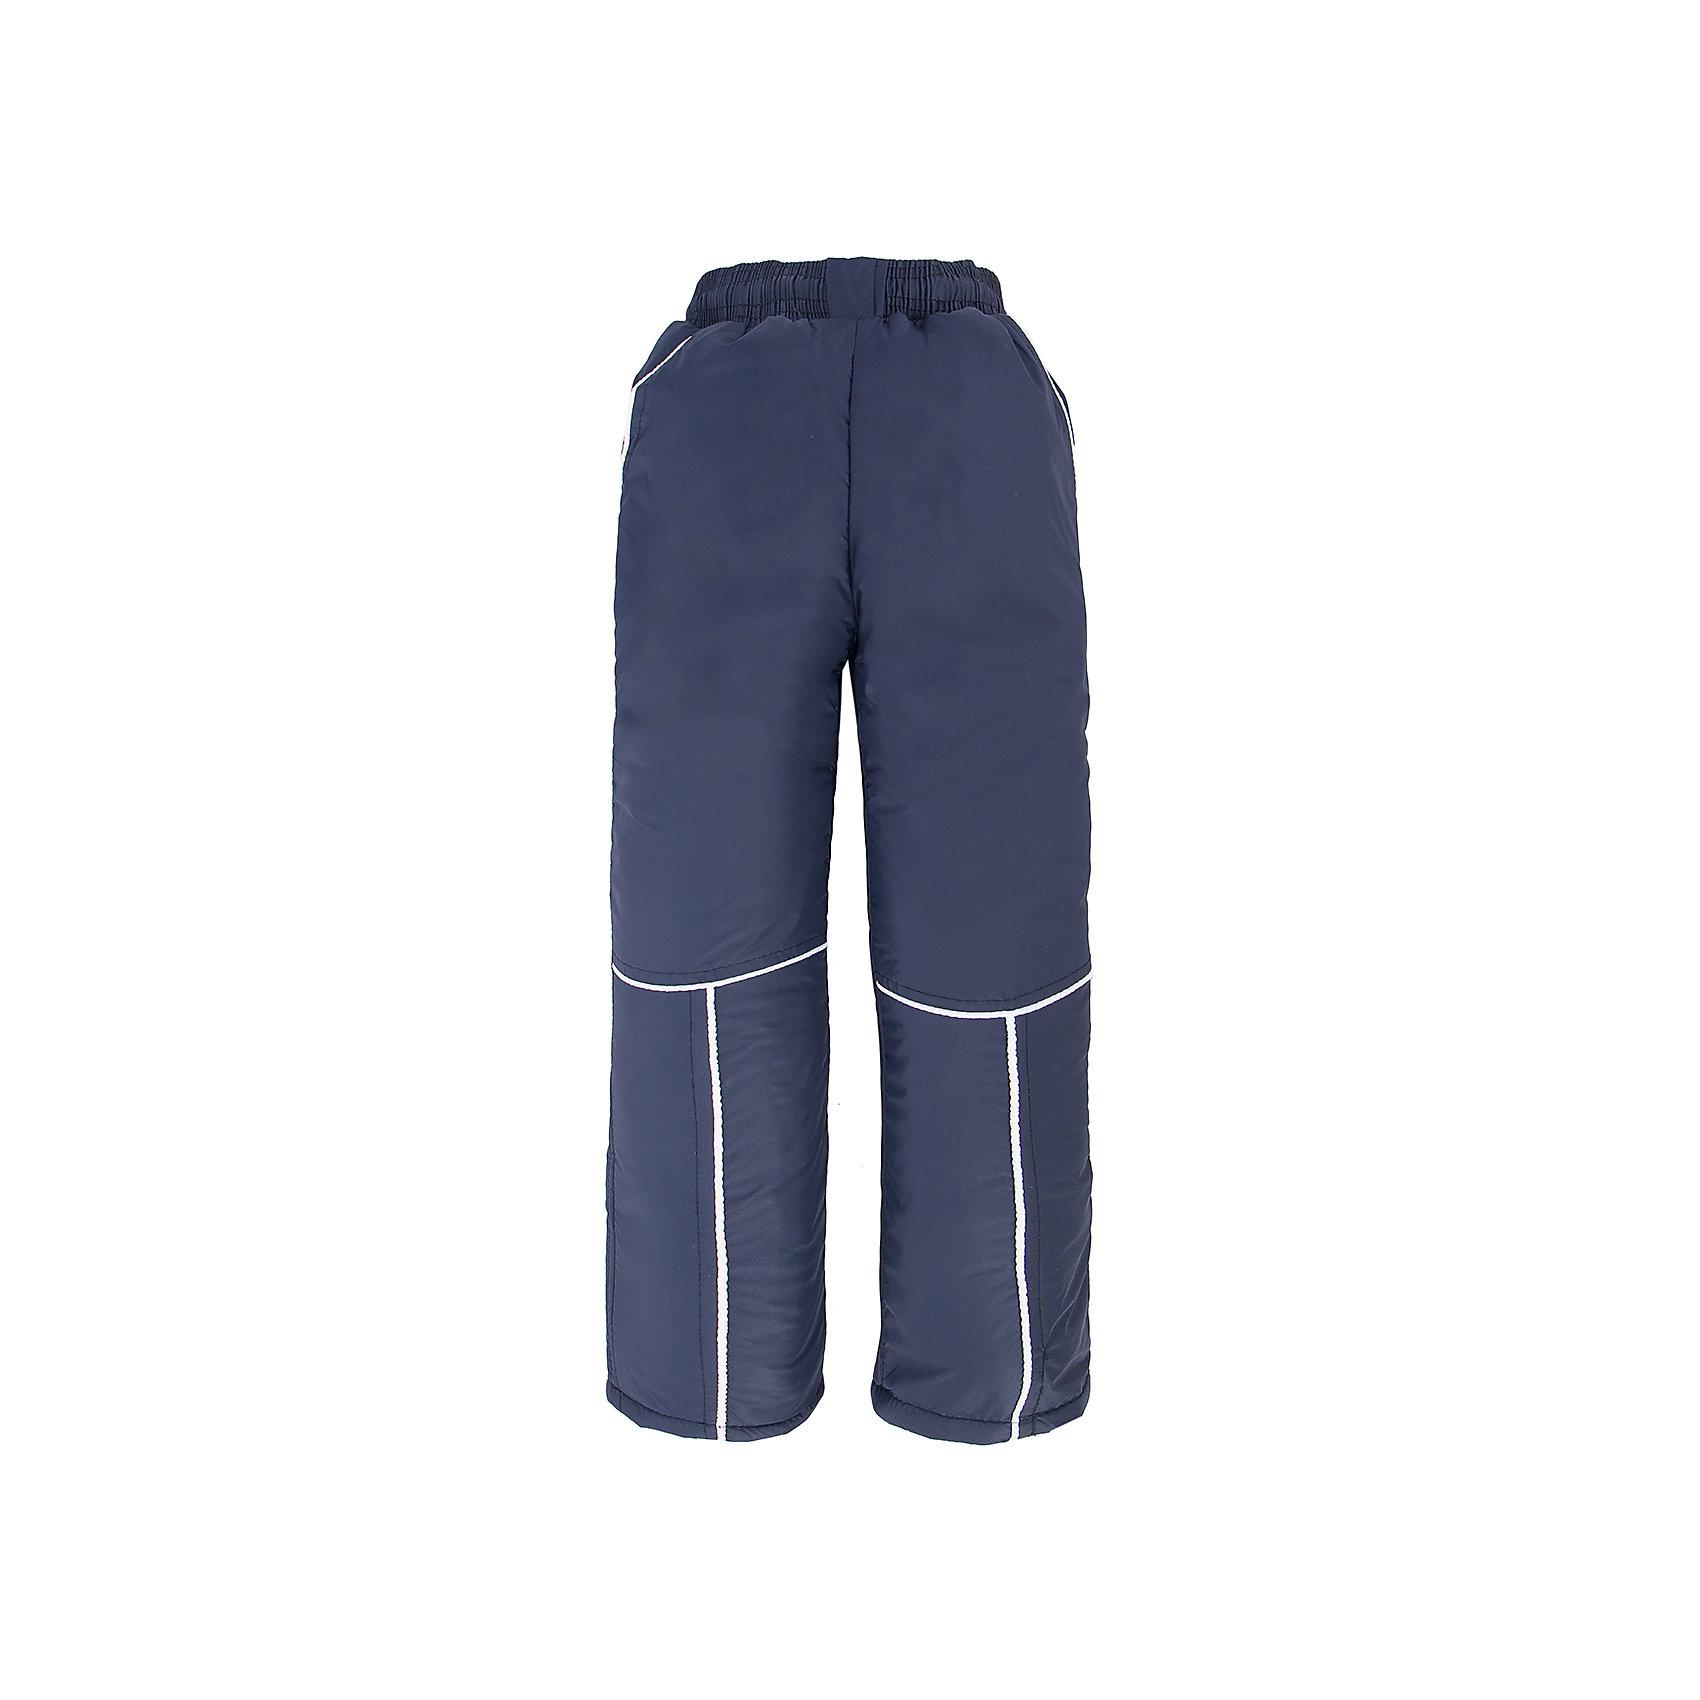 Брюки для мальчика DAUBERВерхняя одежда<br>Брюки для мальчика Dauber<br>Брюки для мальчика, на синтепоне. Высококачественный синтетический наполнитель 200гр/м?, который прекрасно сохраняет форму и восстанавливает её после любой деформации, влагоустойчив. Температурный режим: от +10 до-20 градусов. Брюки обеспечат тепло и уют, защитив ребёнка от холода и промокания. Грязеотталкивающие и за ними легко ухаживать. Изготовлены из быстросохнущего материала. <br>Состав: 100% полиэстер<br><br>Ширина мм: 215<br>Глубина мм: 88<br>Высота мм: 191<br>Вес г: 336<br>Цвет: синий<br>Возраст от месяцев: 24<br>Возраст до месяцев: 36<br>Пол: Мужской<br>Возраст: Детский<br>Размер: 98,116,110,104<br>SKU: 4862271